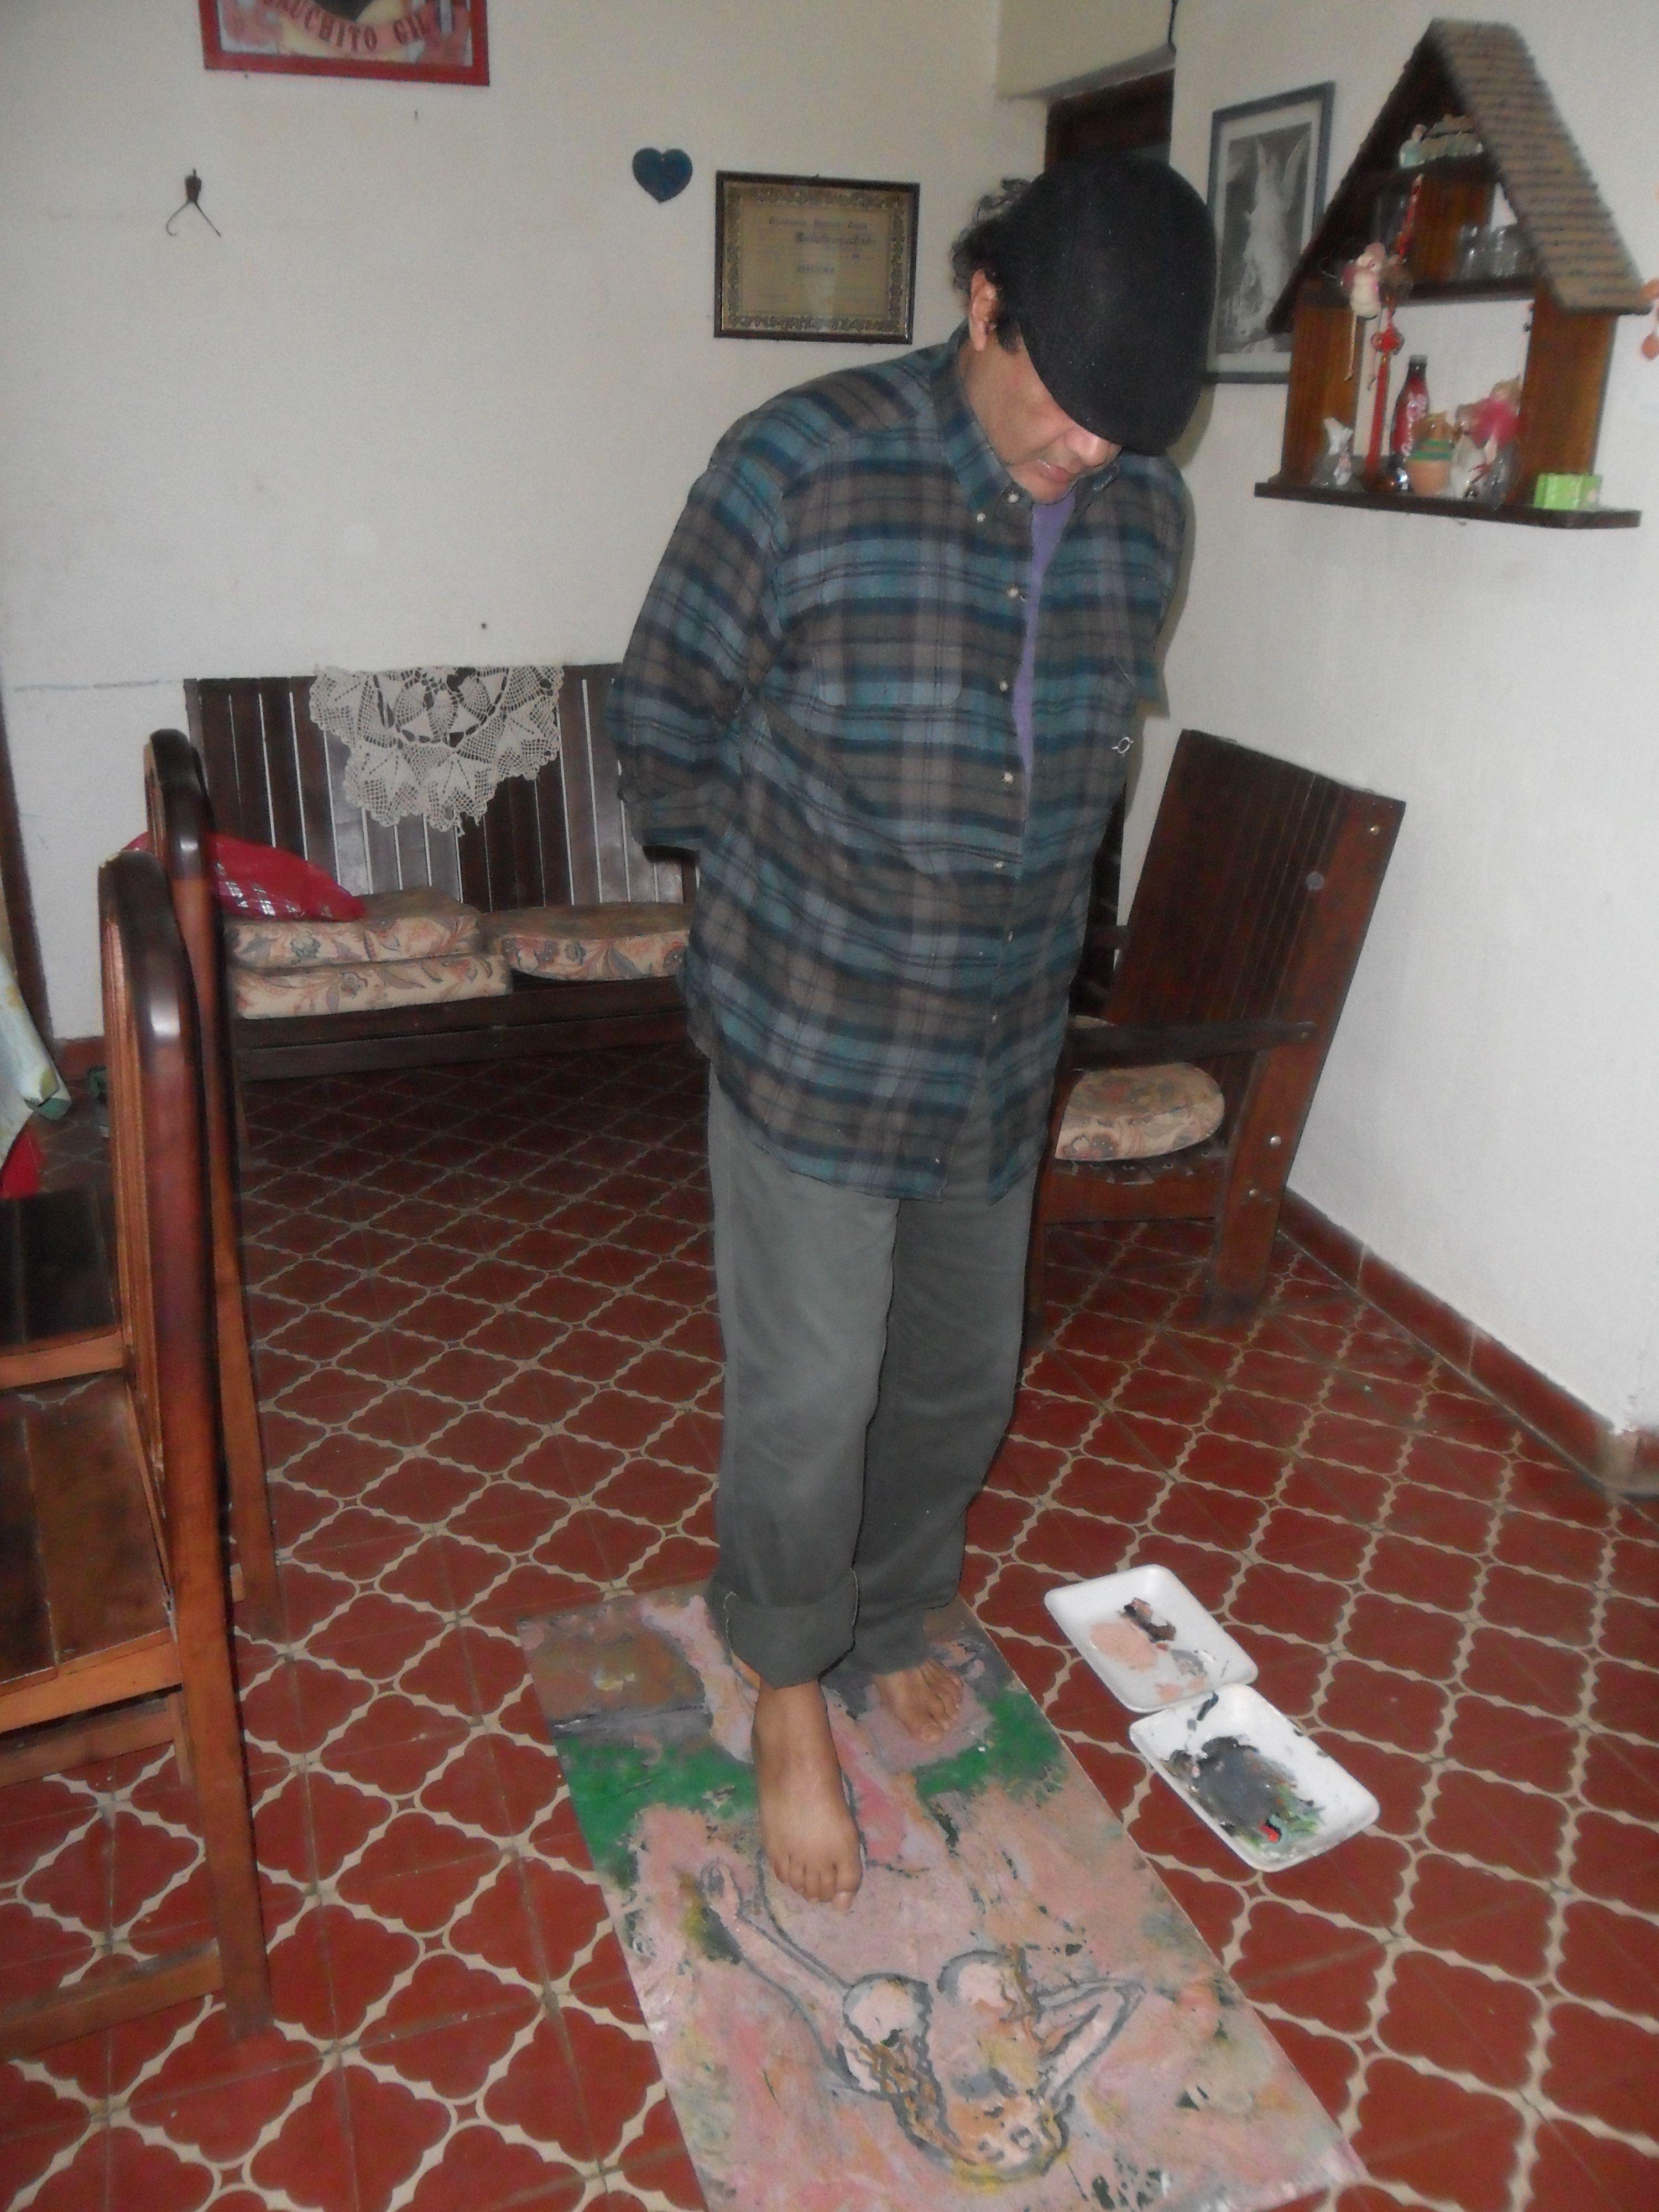 Antonio Villareal pintando con los pies